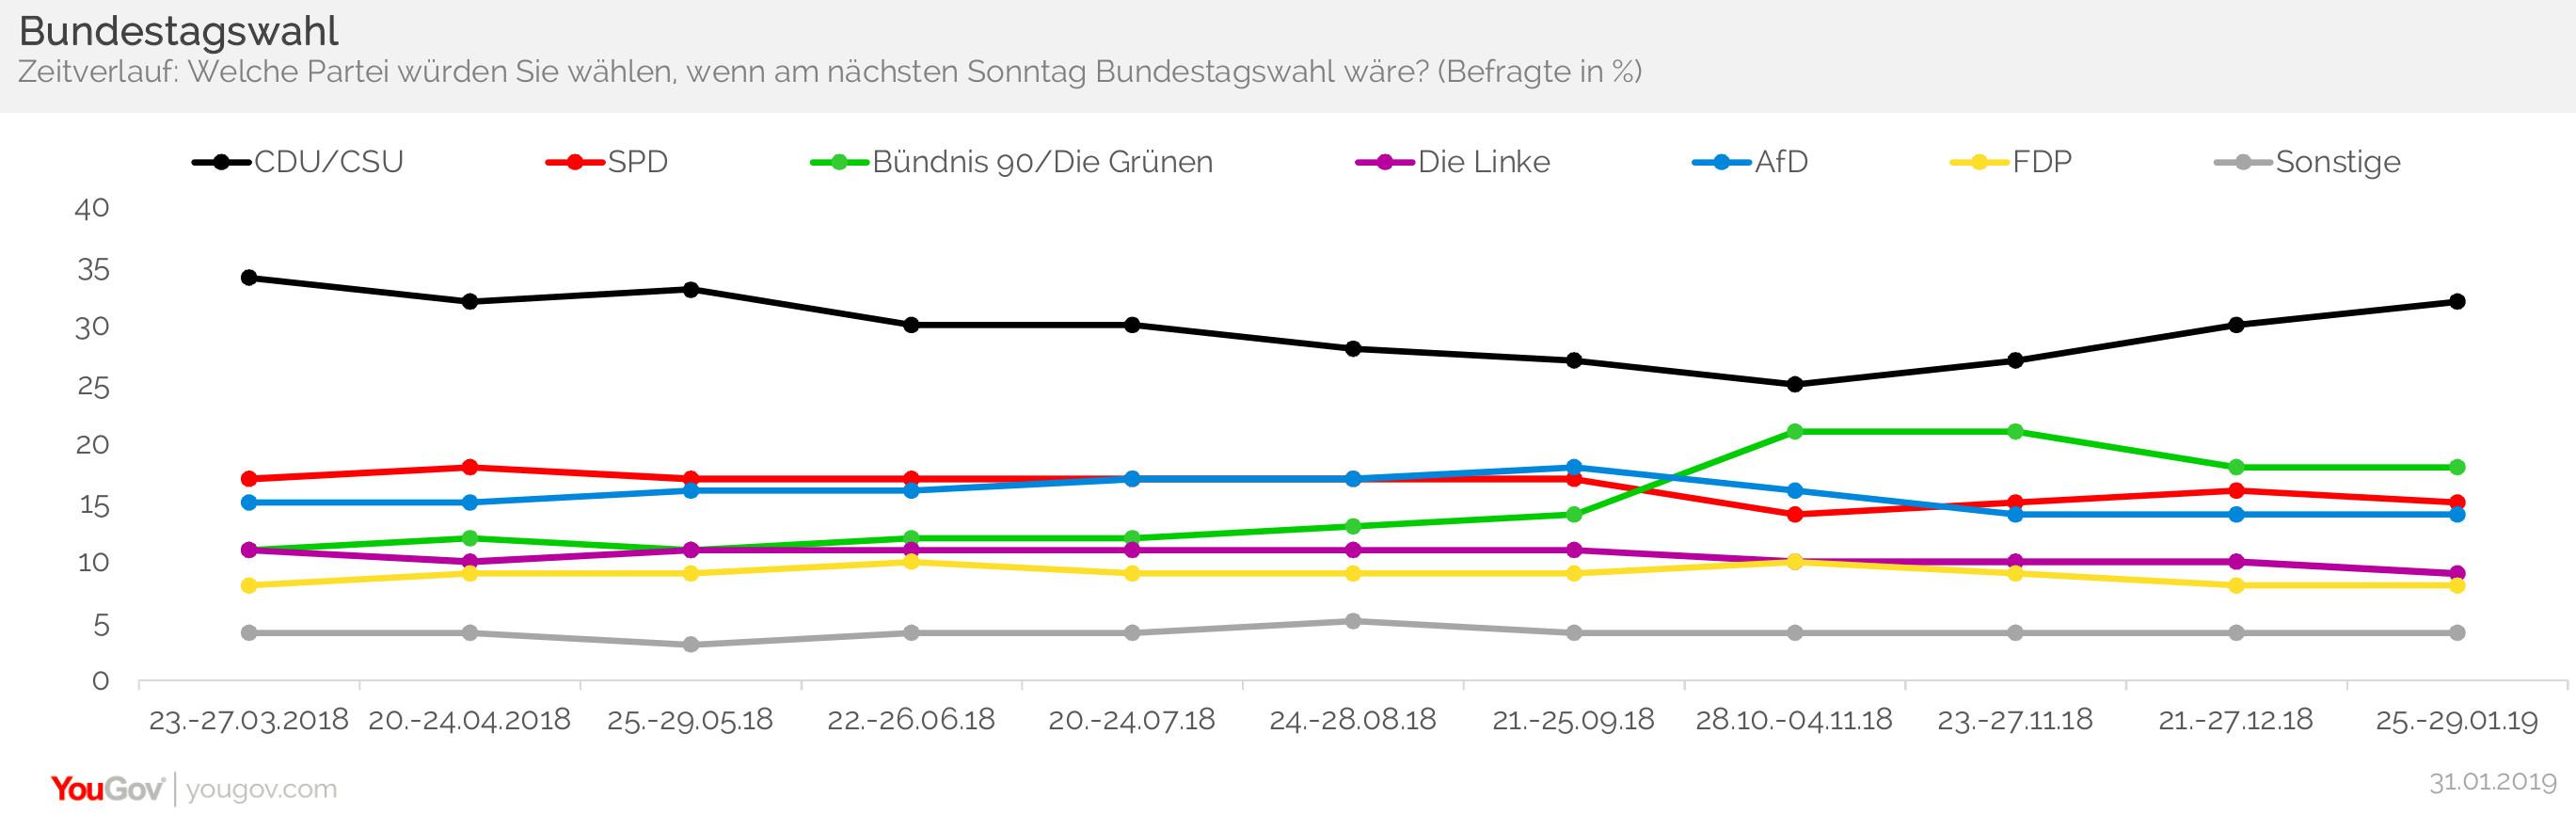 Bundestagswahl Zeitverlauf